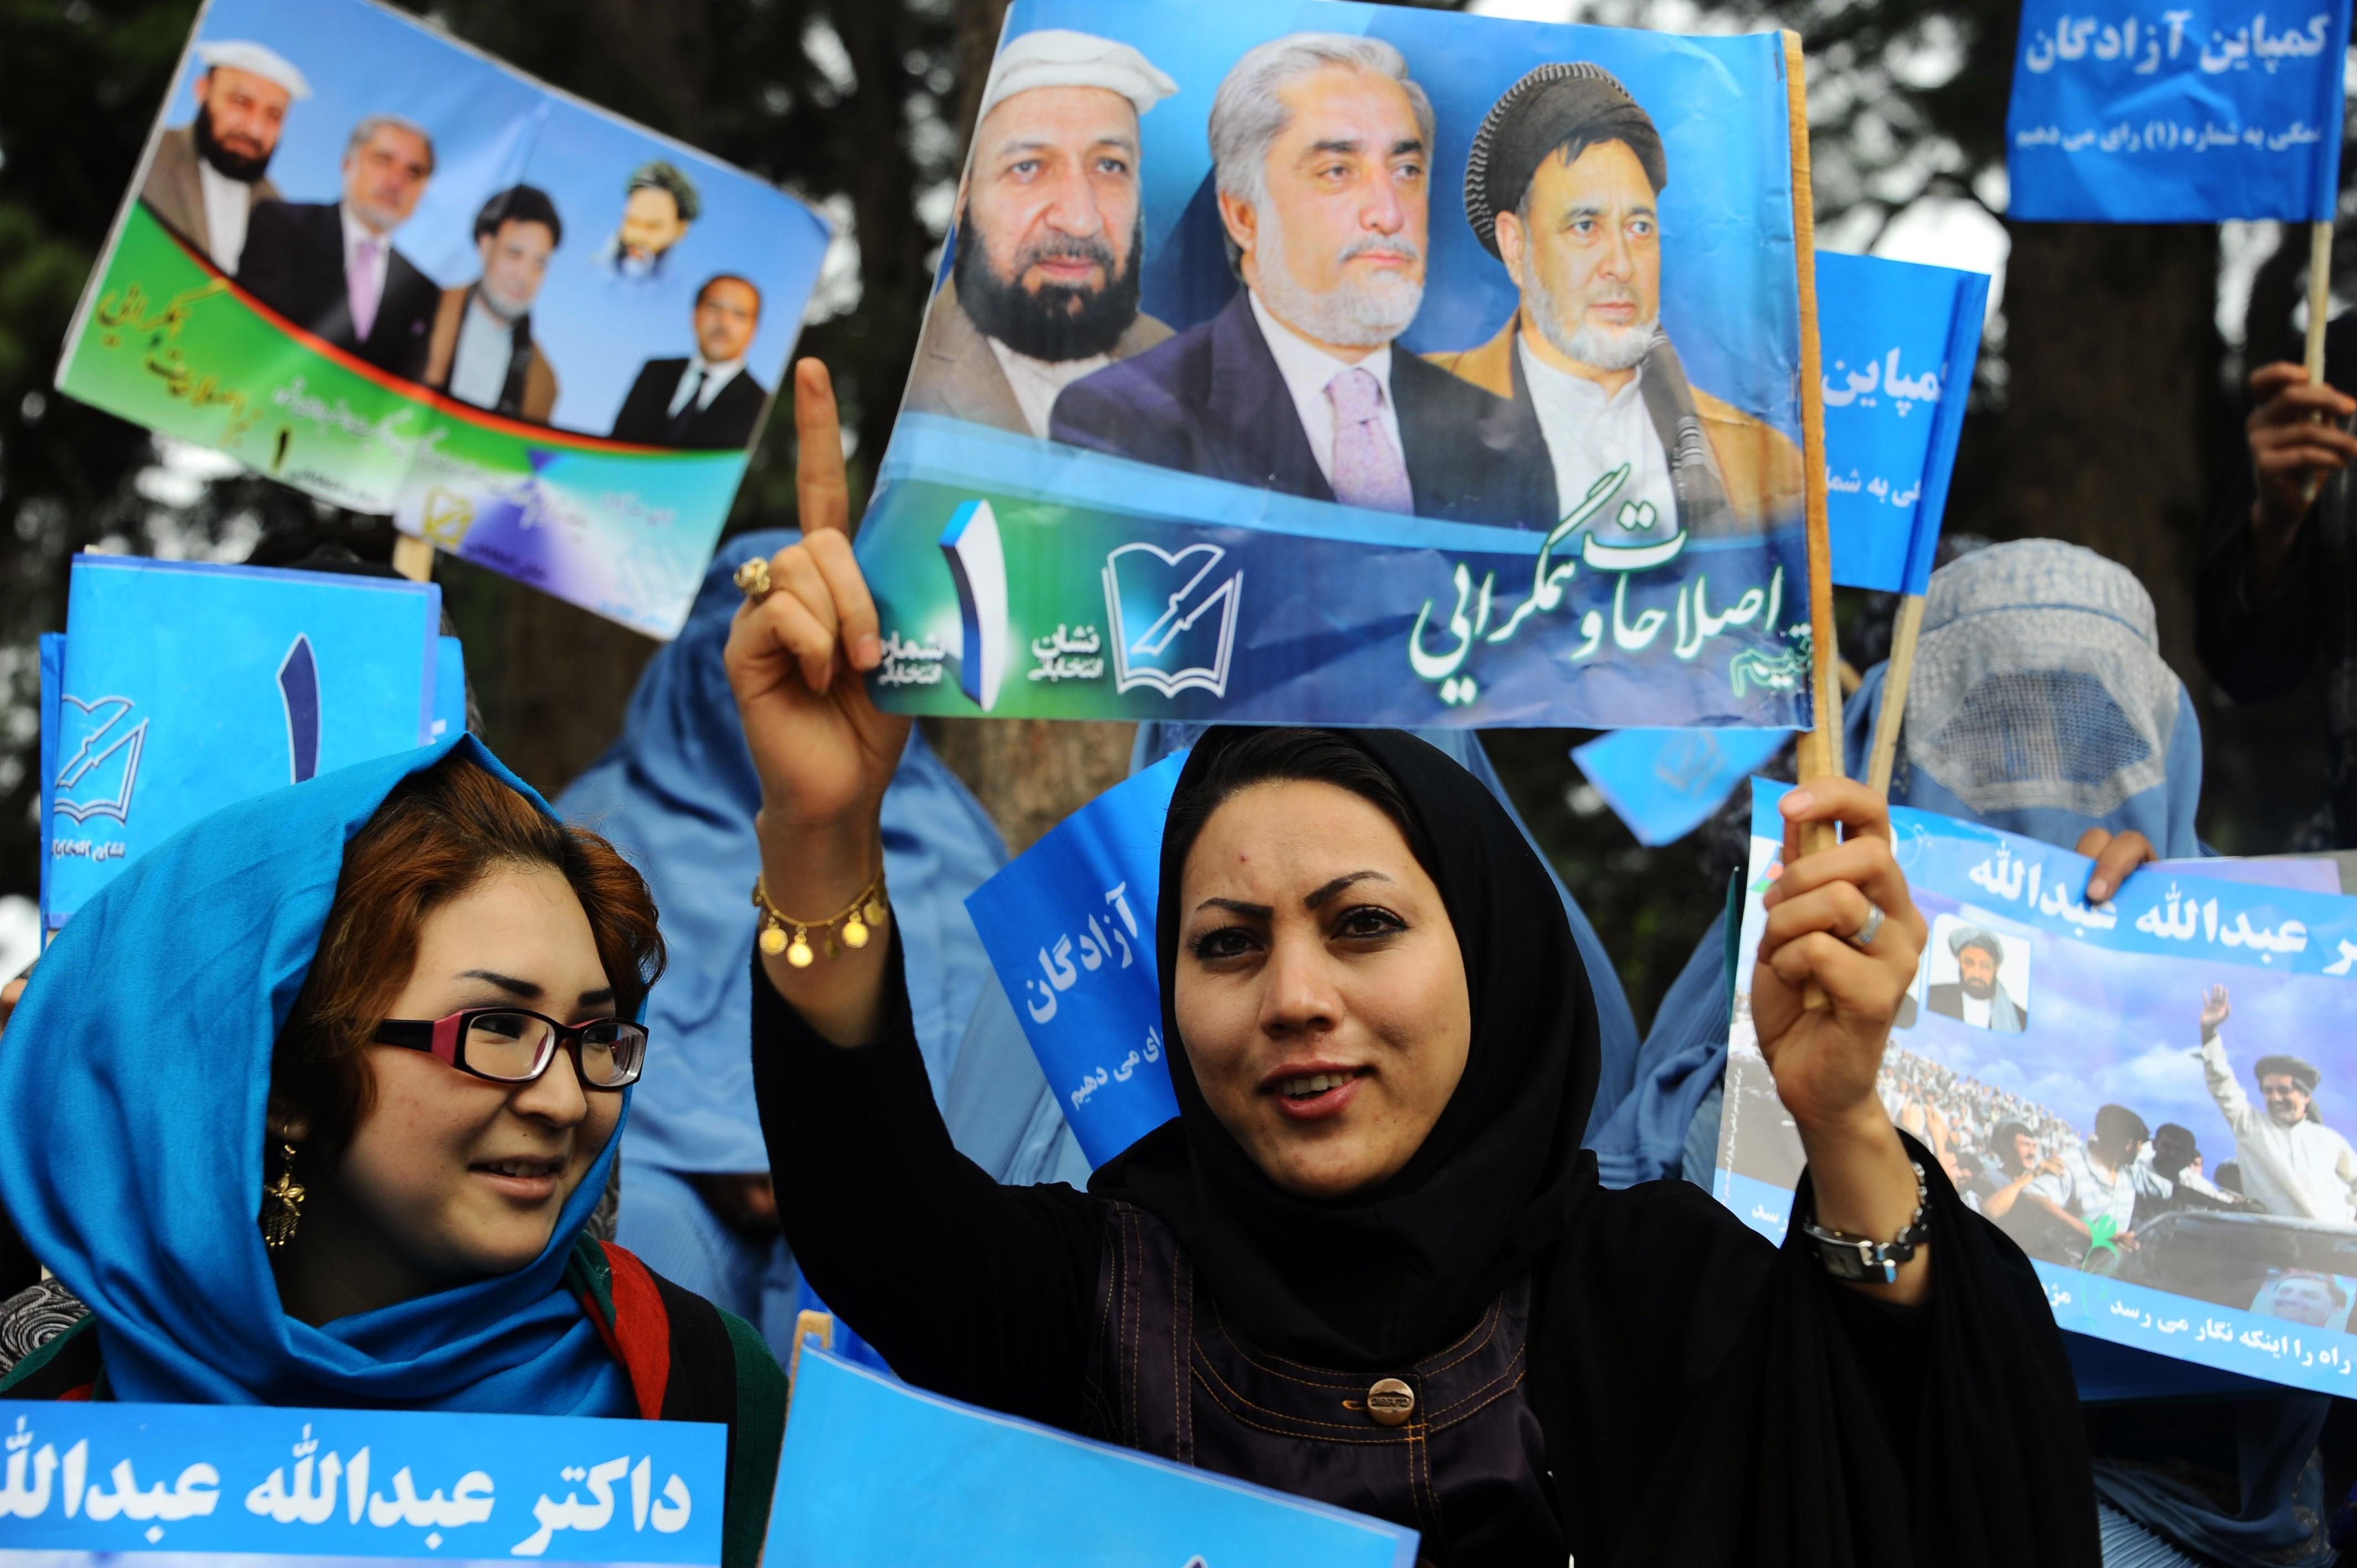 بخش دوم نتایج اولیه انتخابات افغانستان اعلام شد